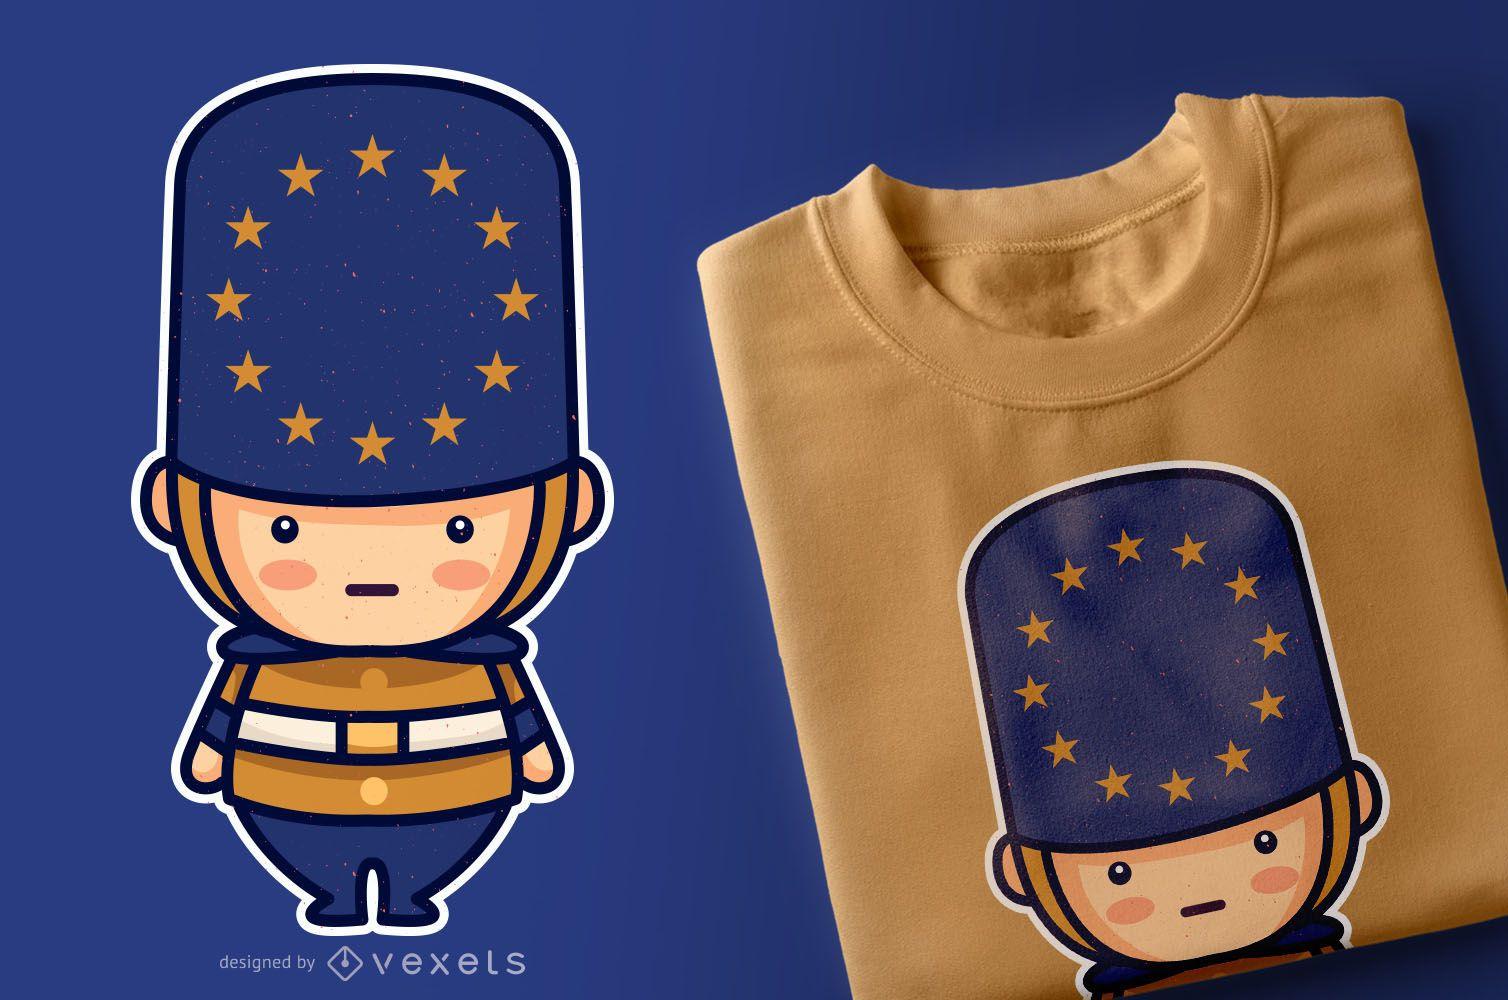 Diseño de camiseta de personaje lindo de la Unión Europea